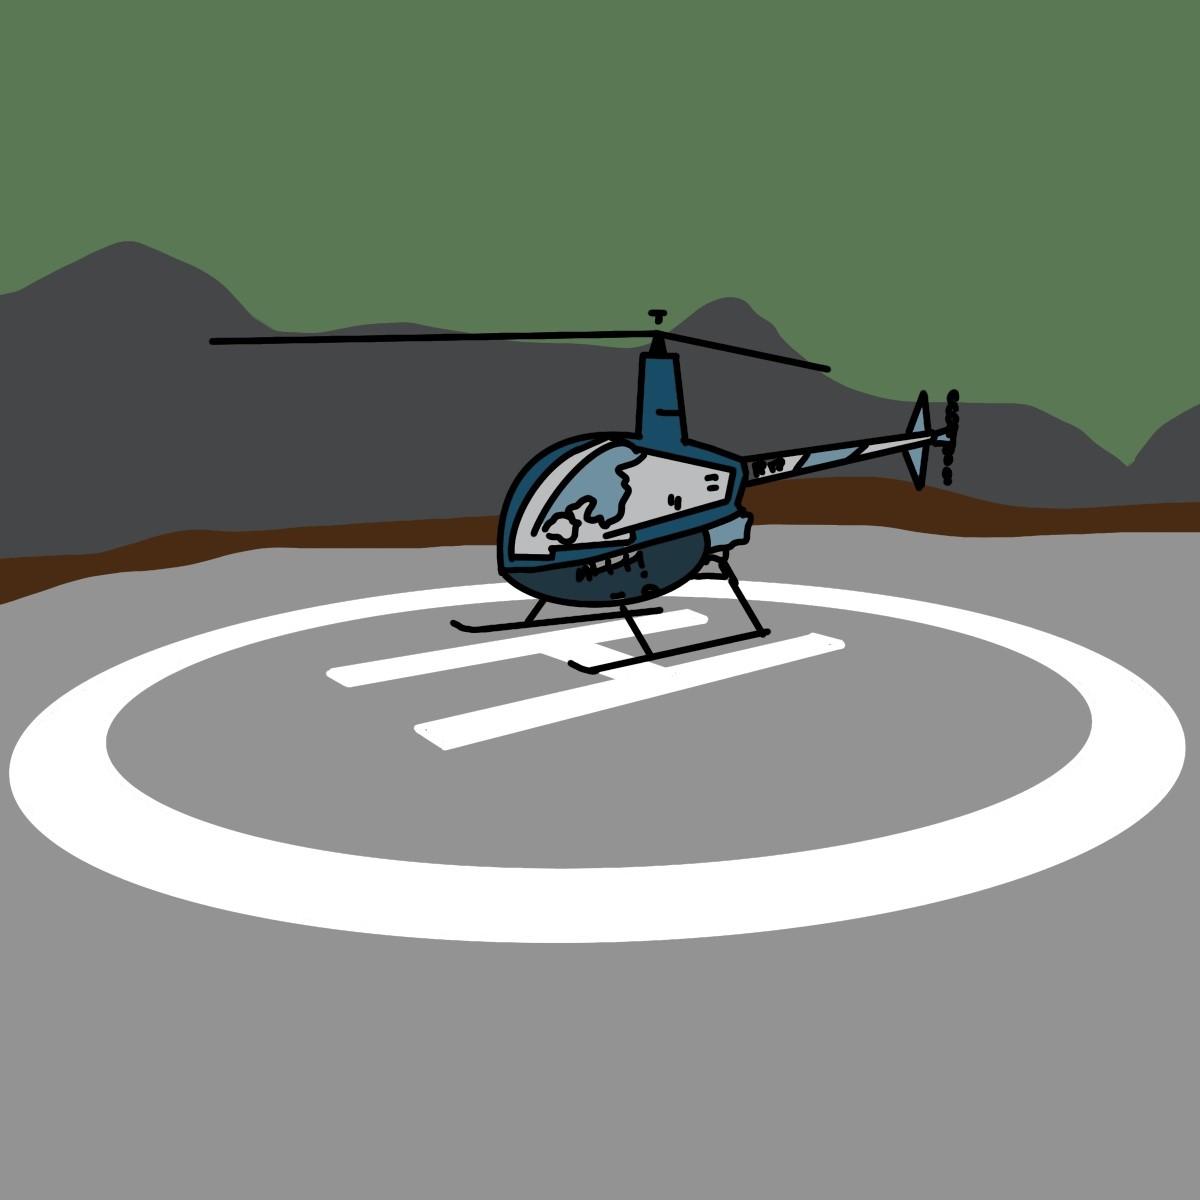 ヘリポート